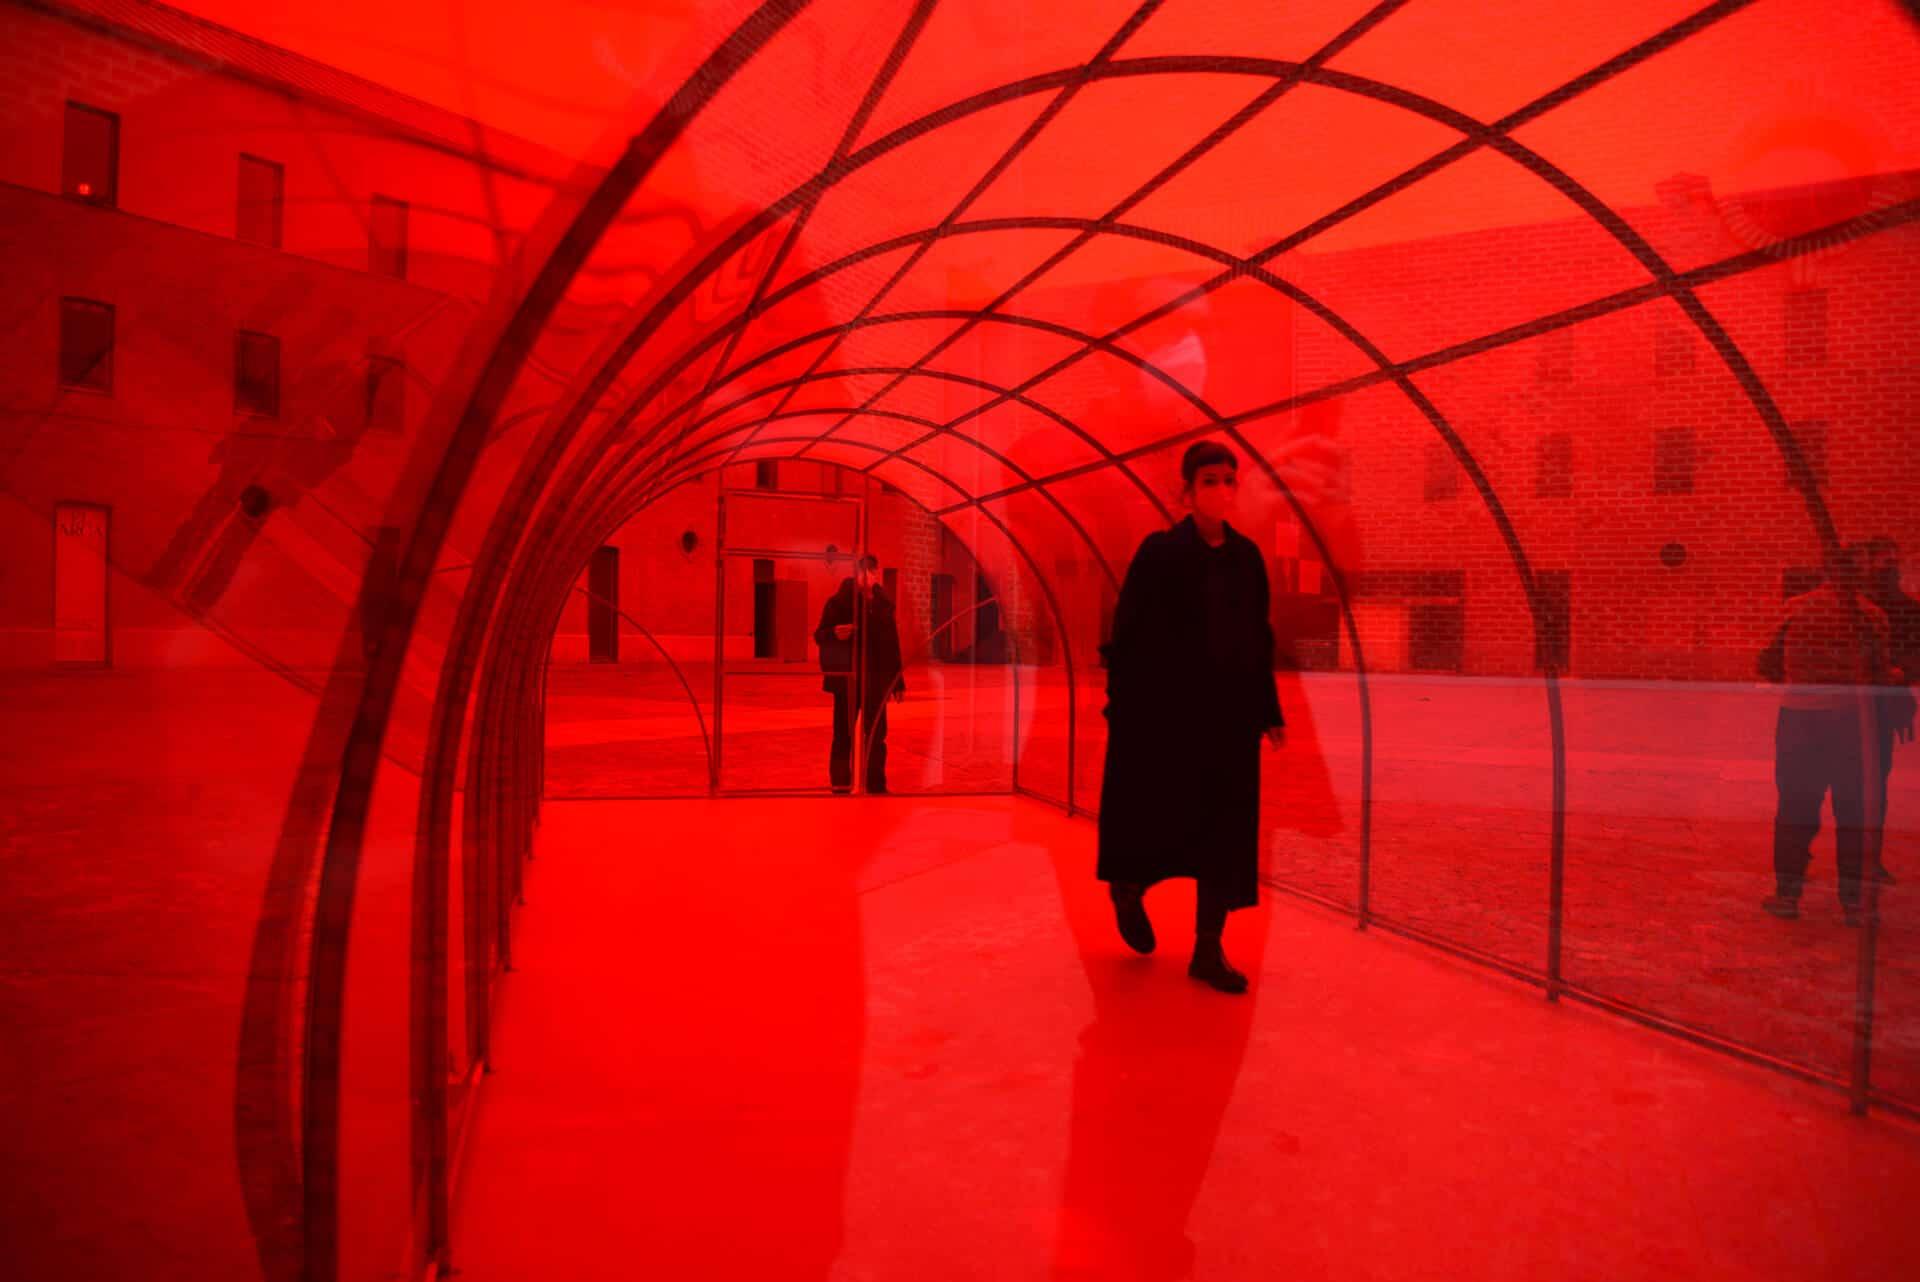 Patrick Hamilton 'El invernadero rojo'